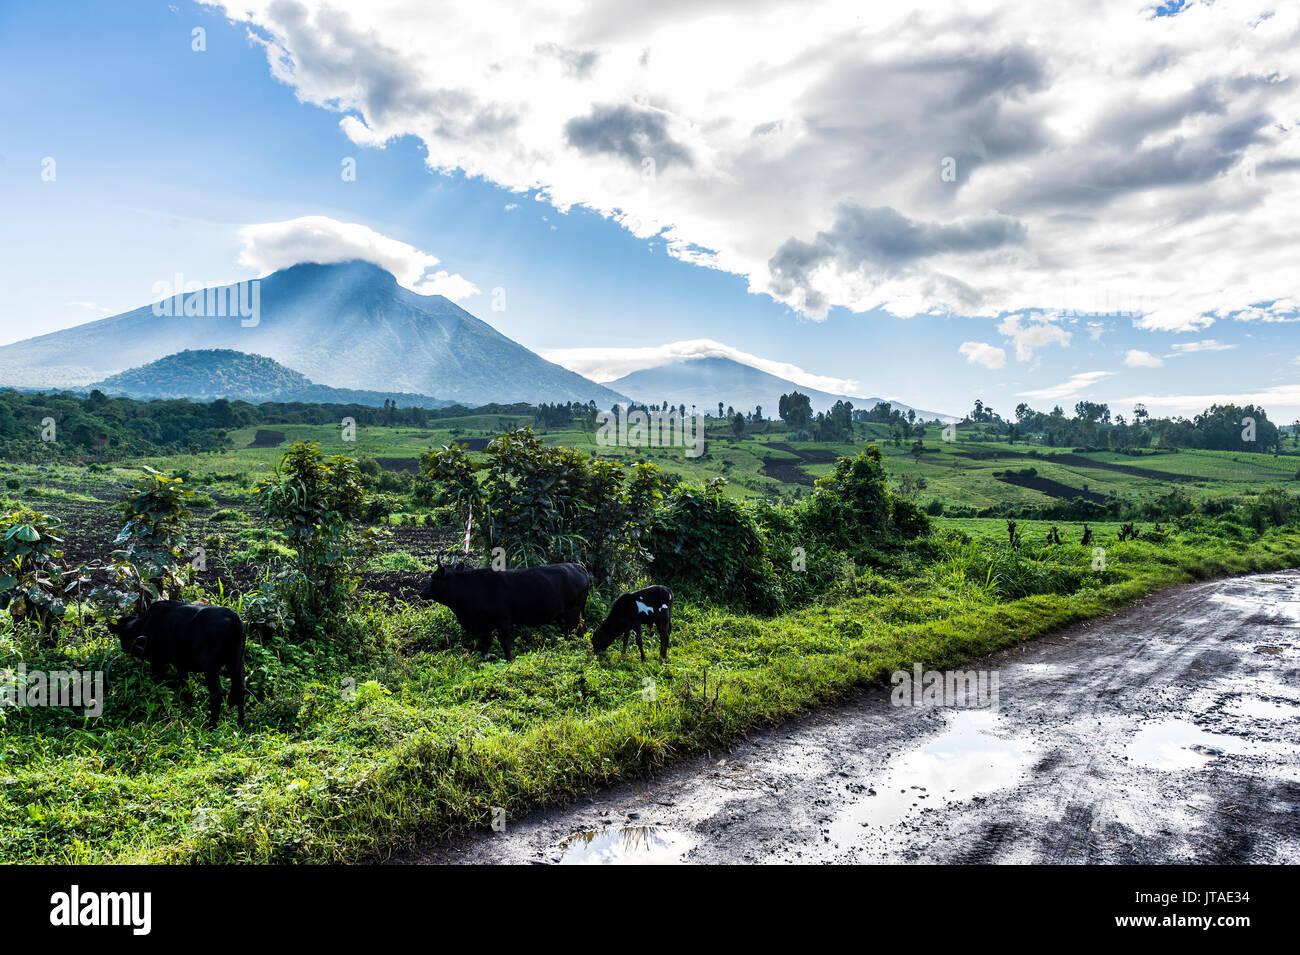 La chaîne de montagnes volcaniques du Parc National des Virunga après la pluie, l'UNESCO World Heritage Site, République démocratique du Congo, l'Afrique Photo Stock